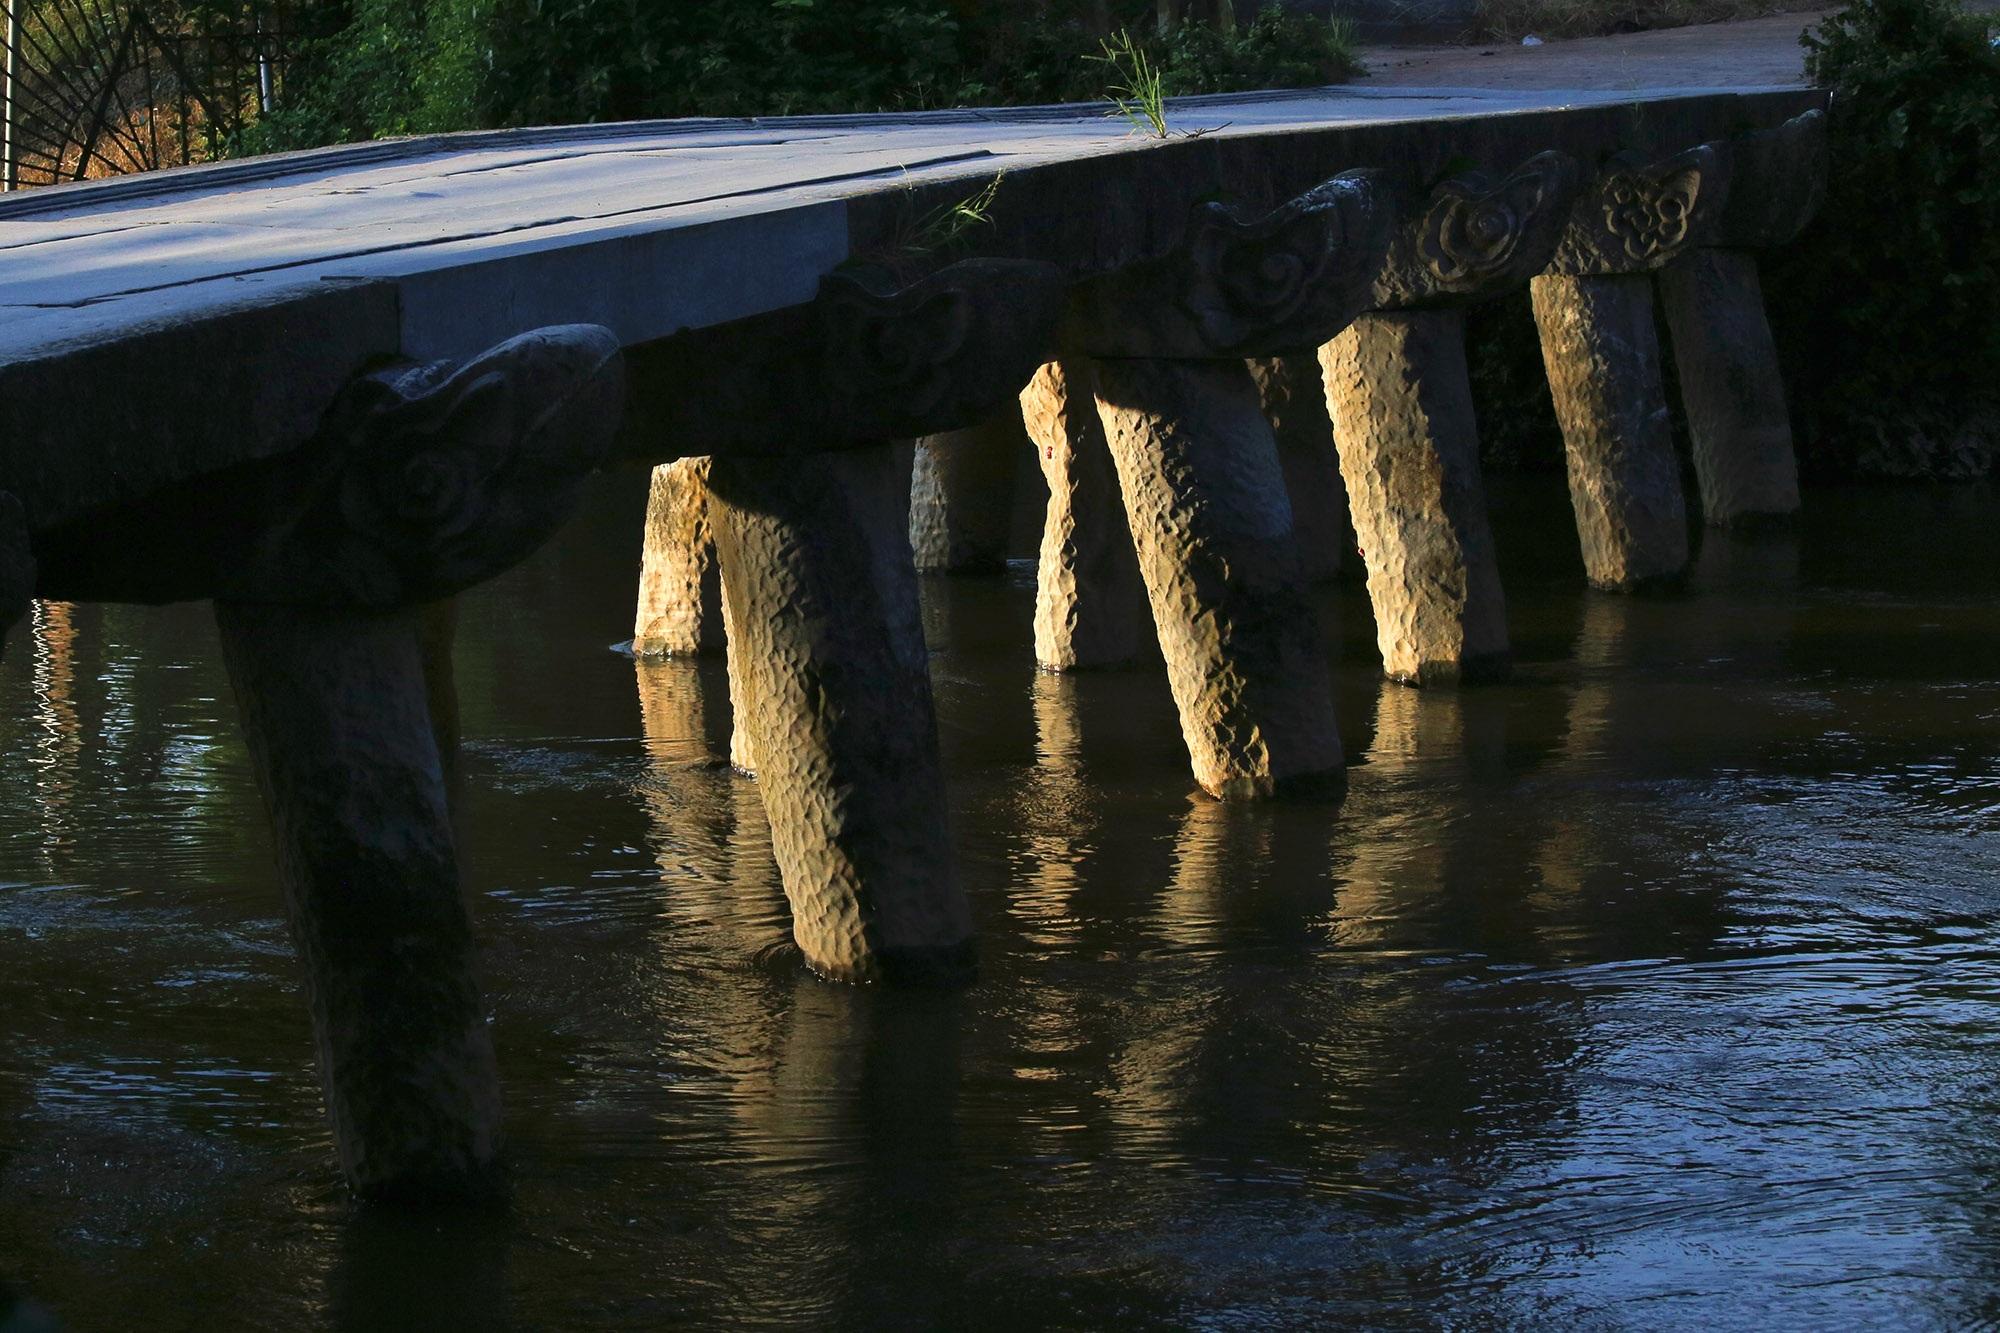 Phát hiện thêm một cổ trấn đẹp bình dị cách Hà Nội 30 km - 11